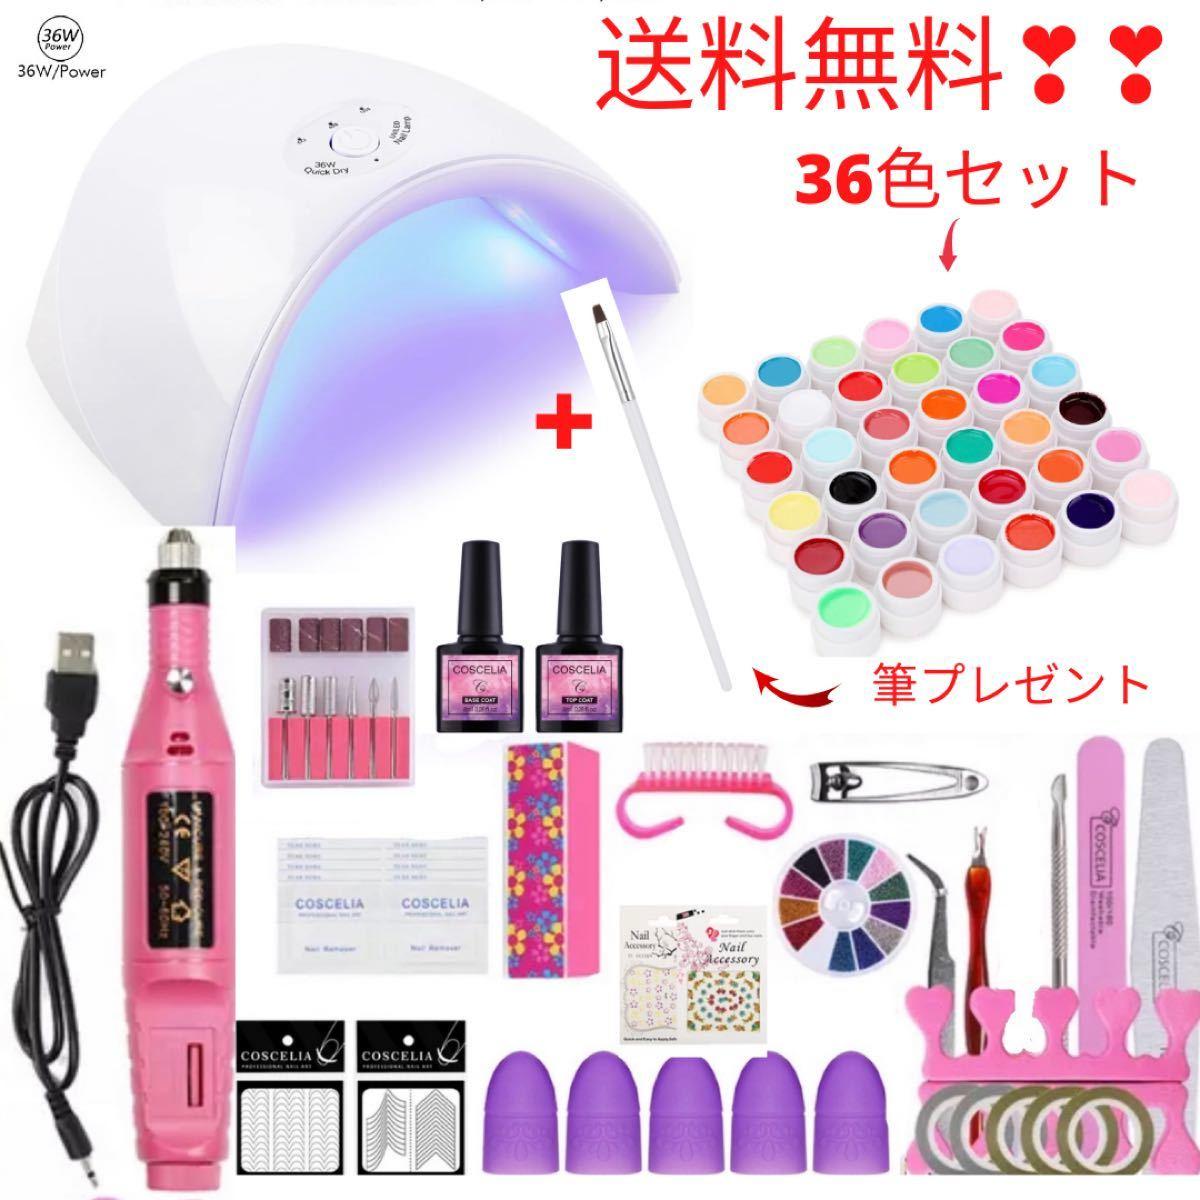 ジェルネイルセット スタートキット UV/LEDライト36色ジェルネイルセット